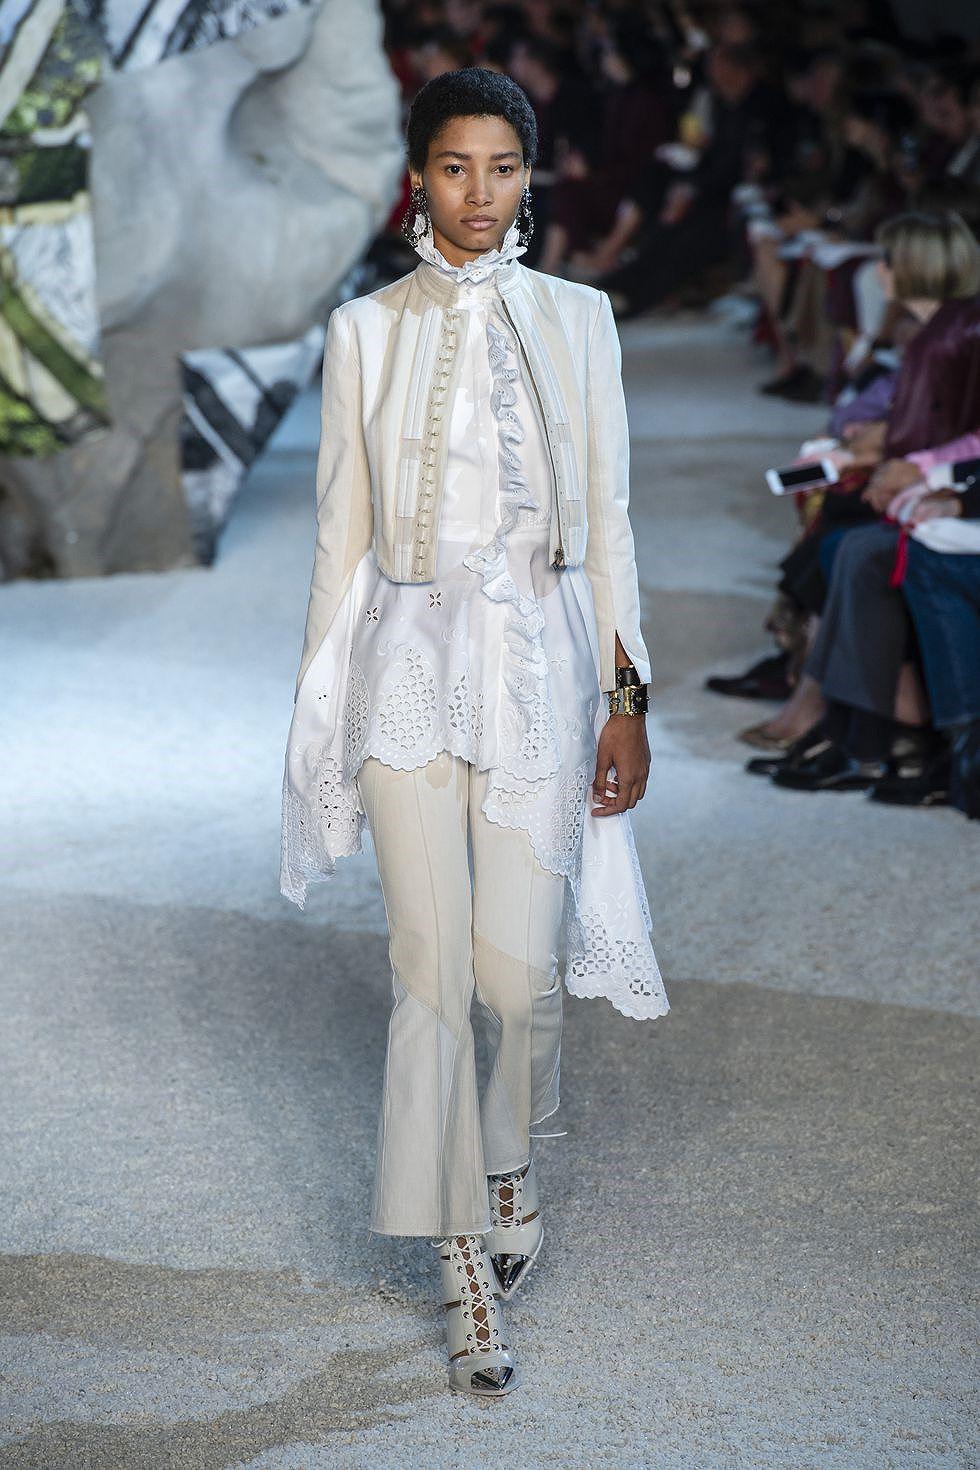 Chiêm ngưỡng những BST nổi bật nhất Tuần lễ thời trang Paris 2019 Ảnh 9